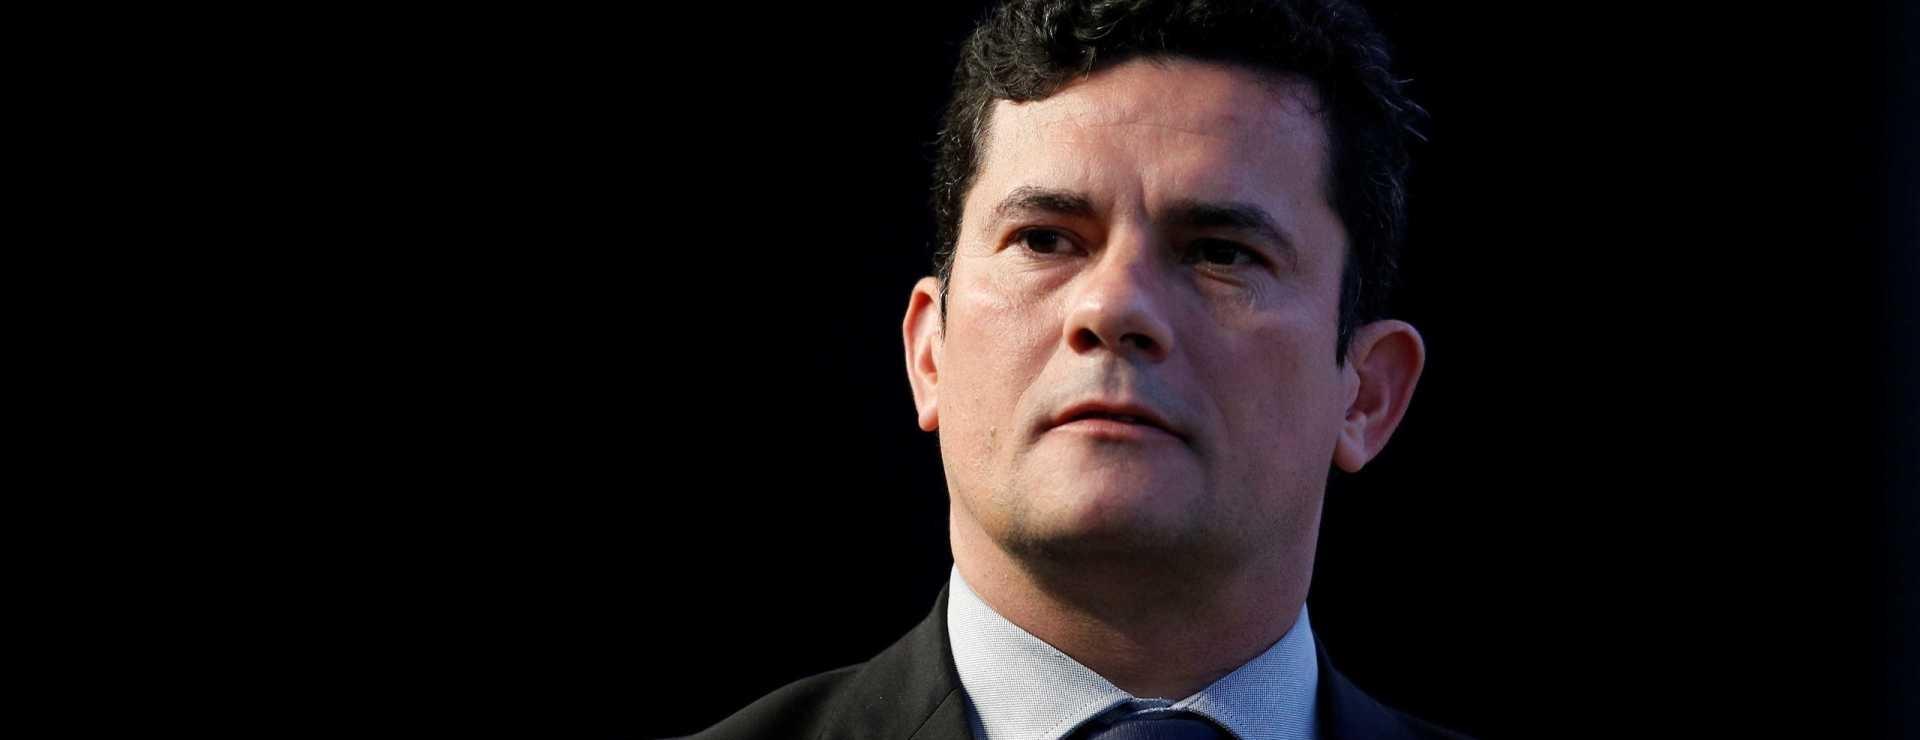 Moro: Rio é 'exemplo mais visível' de corrupção sistêmica no país